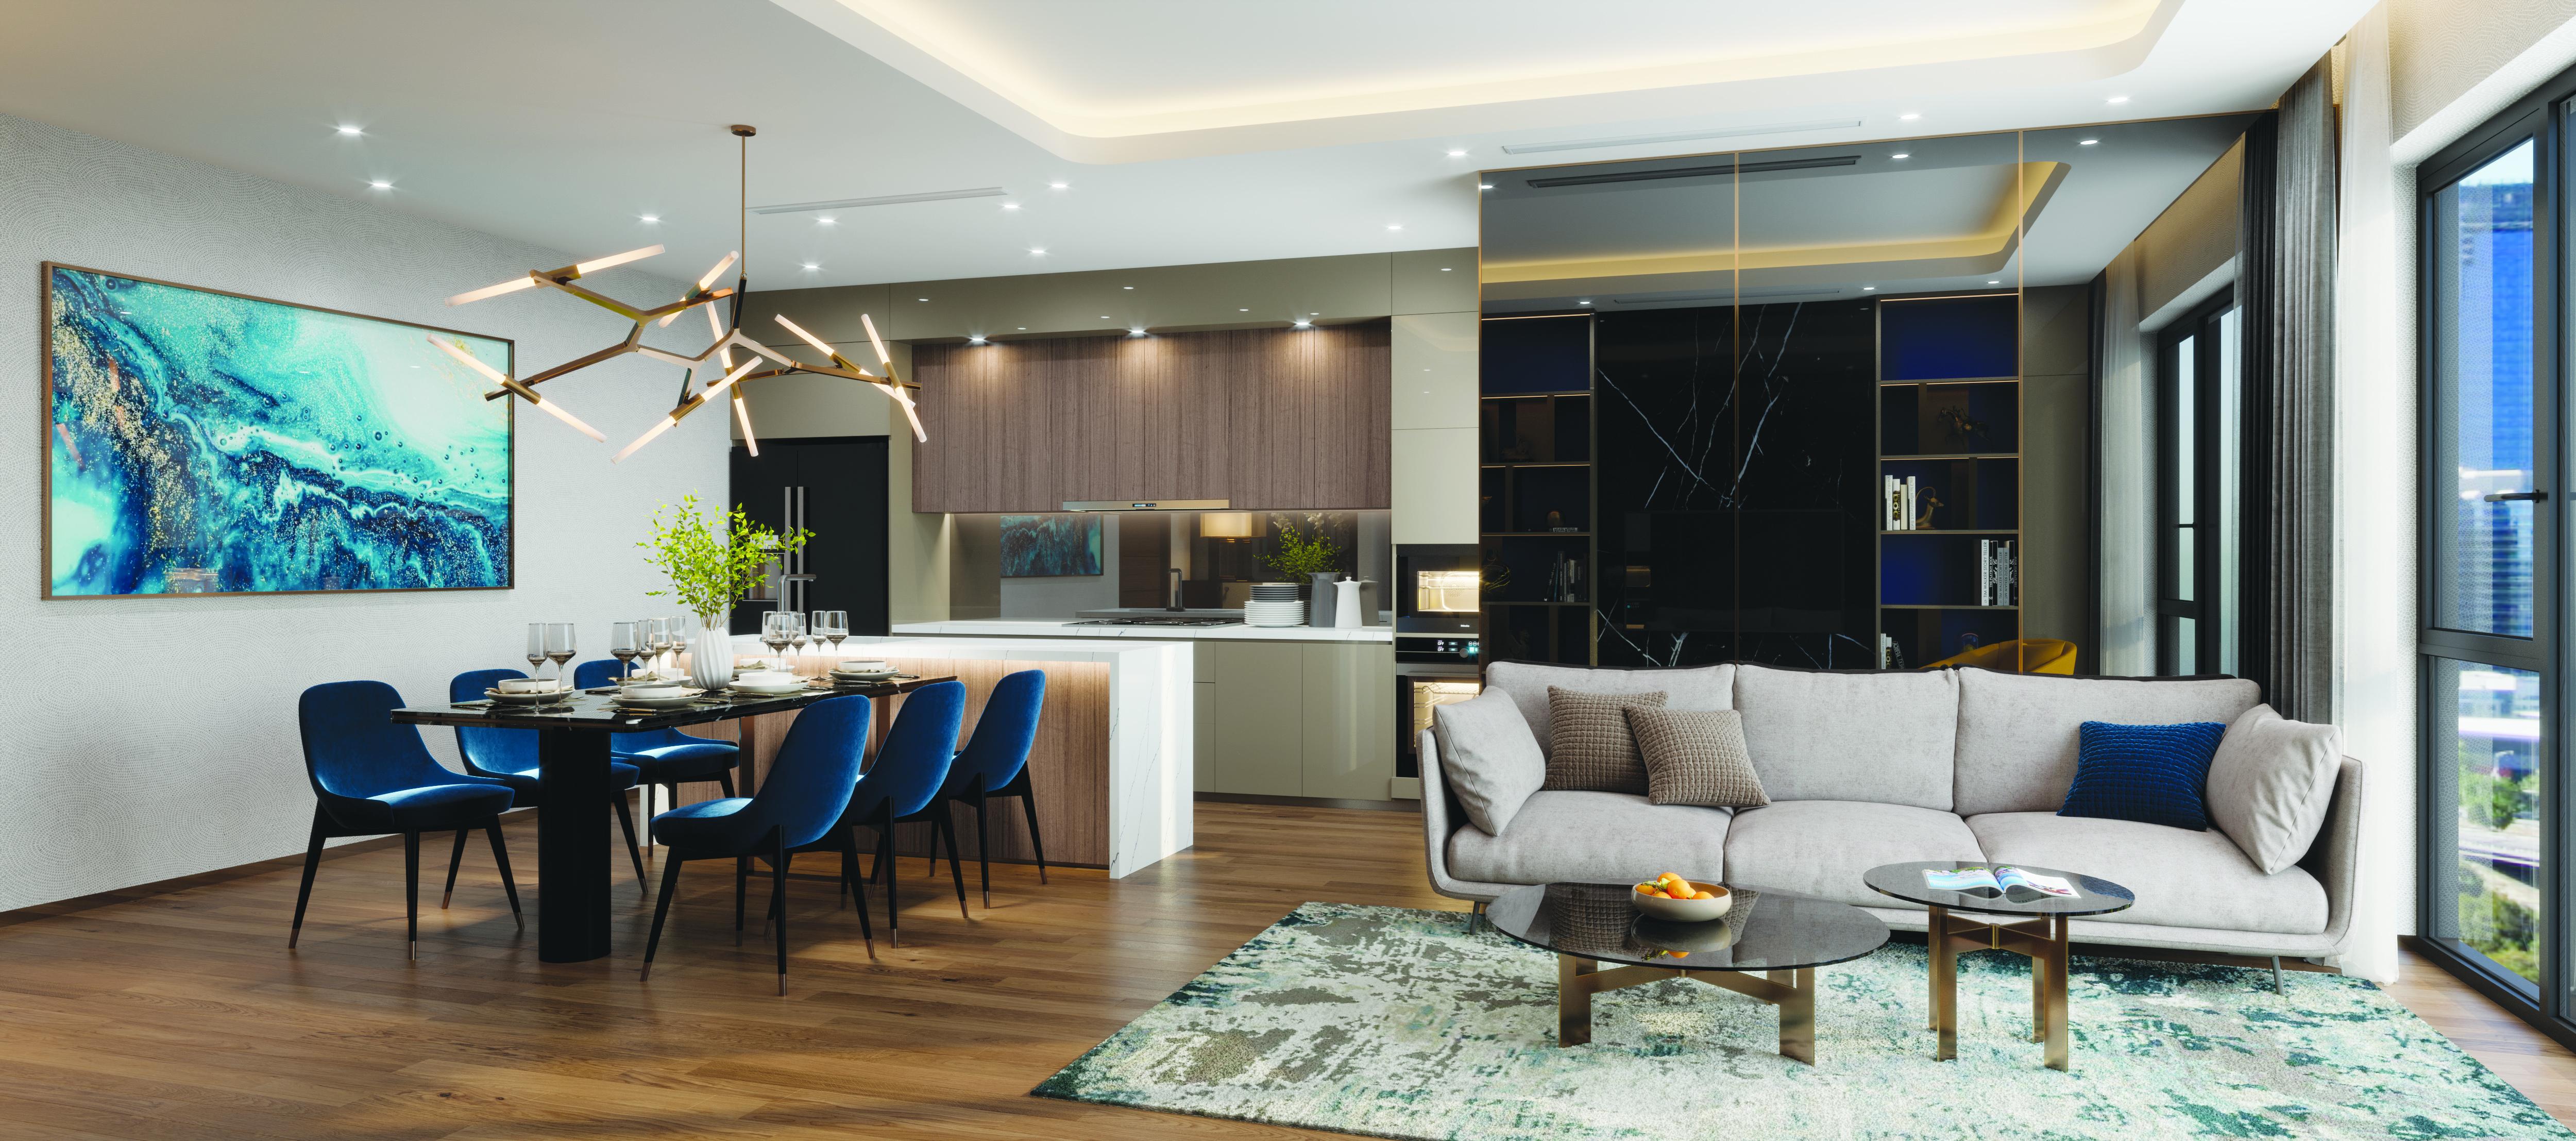 Không gian sinh hoạt chung: Phòng khách + bếp (đảo bếp) rộng hơn 40m2